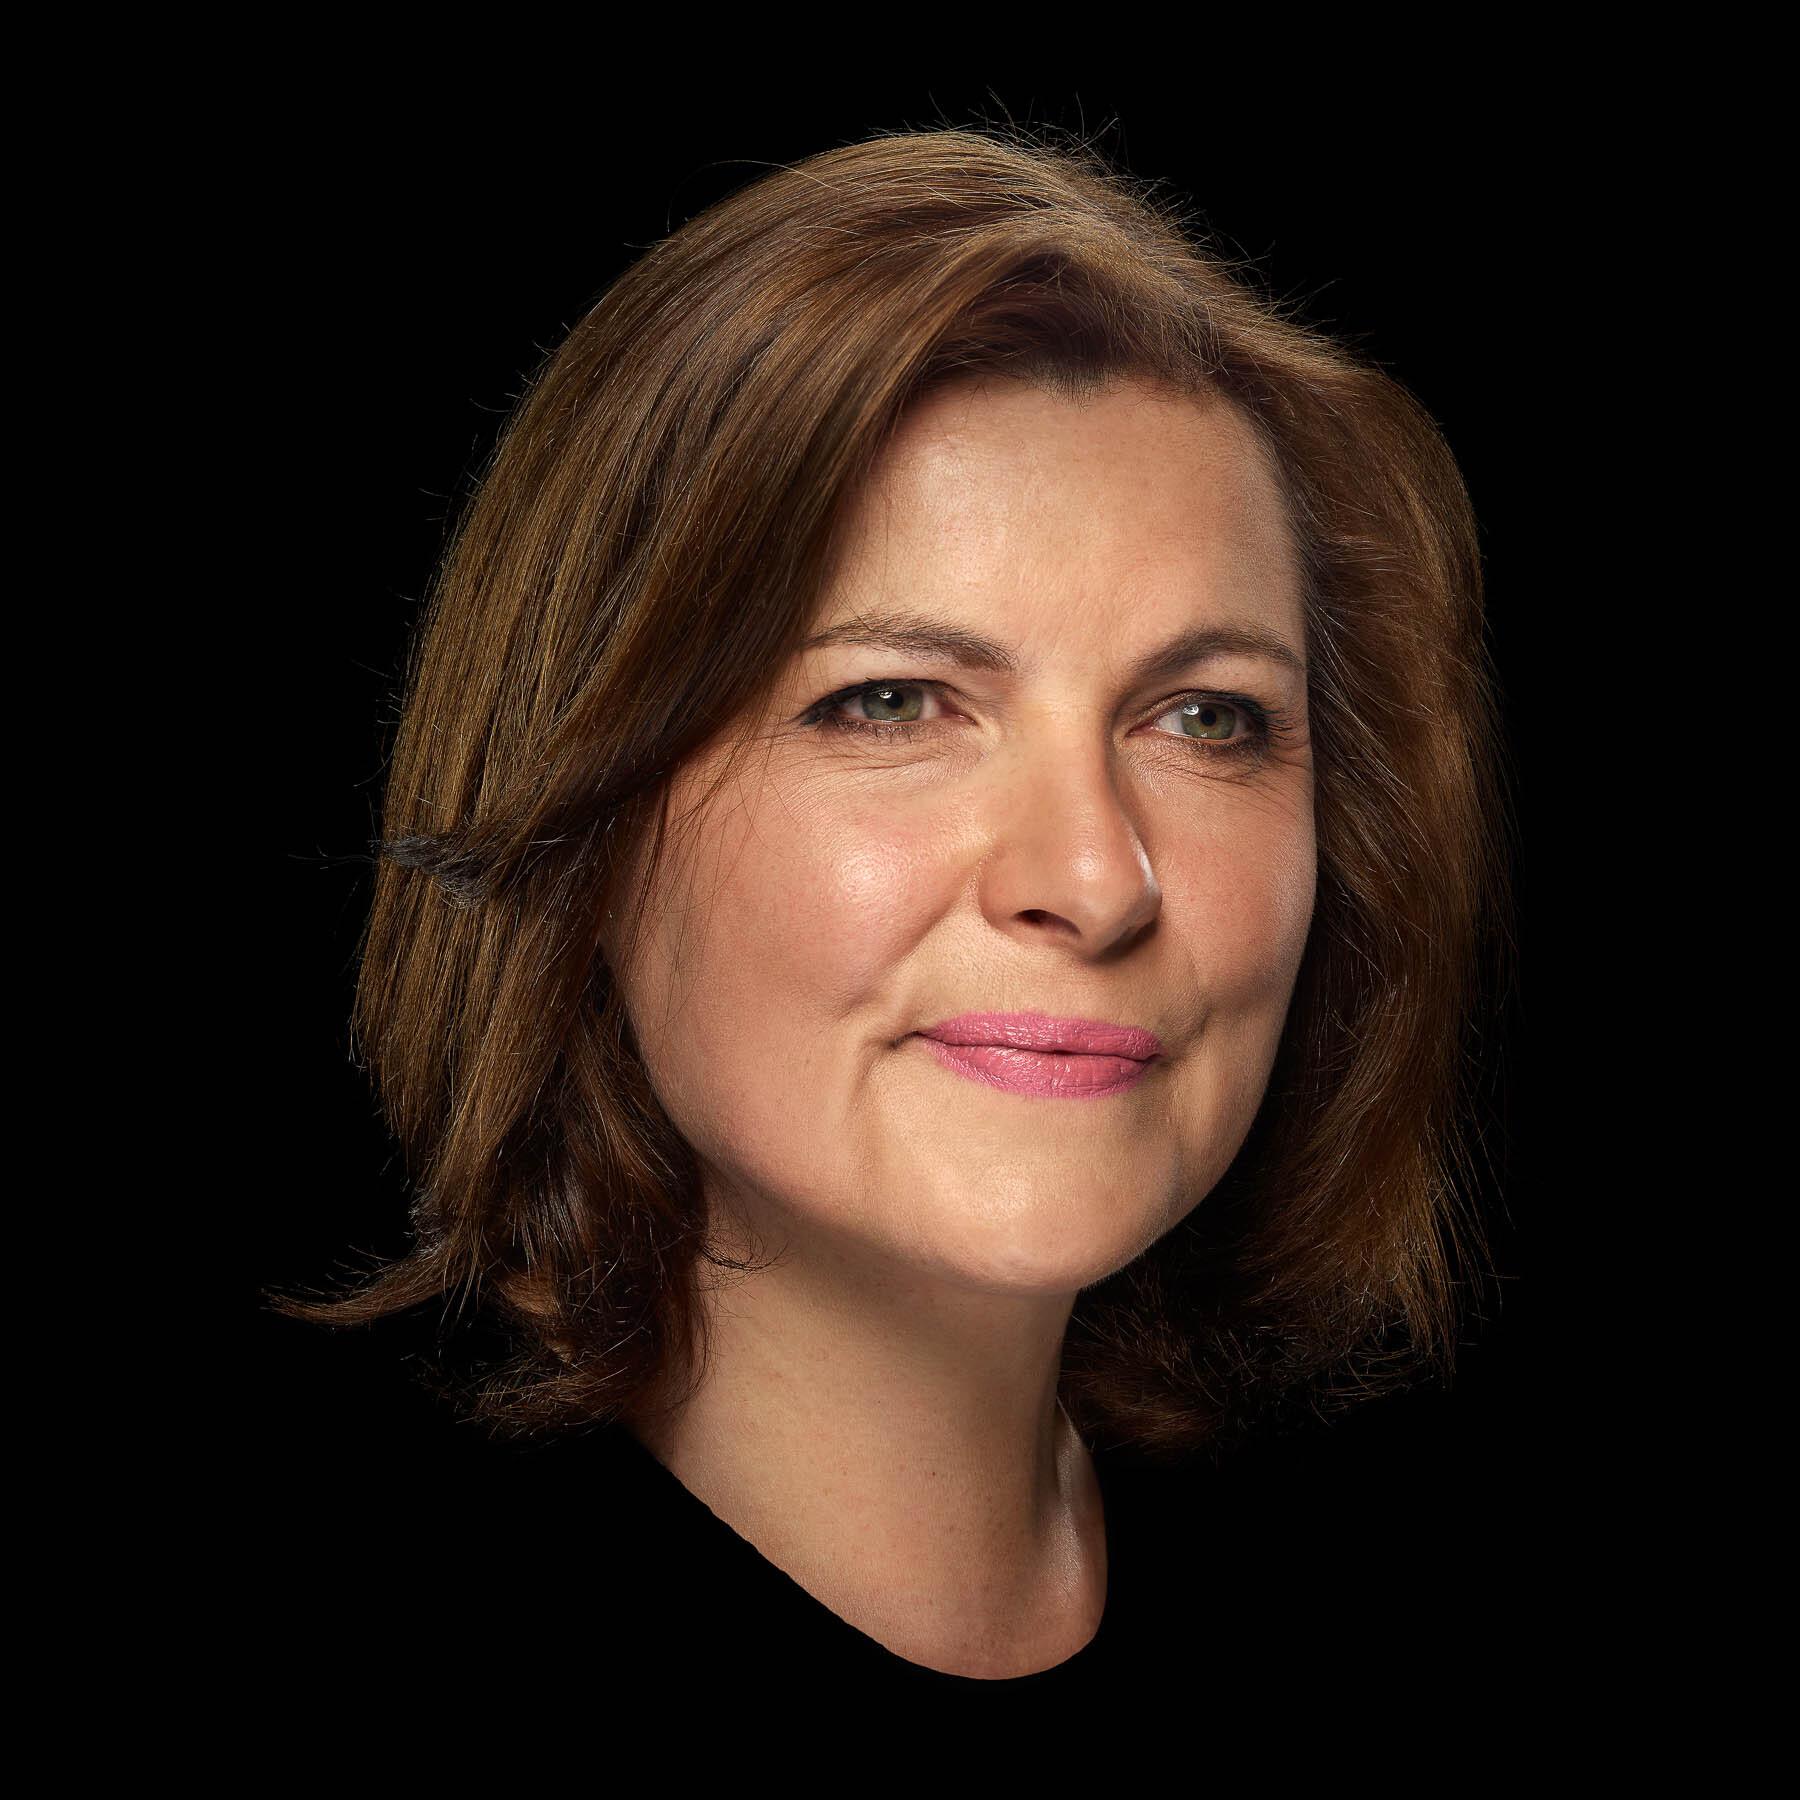 Lisa Springate FLT